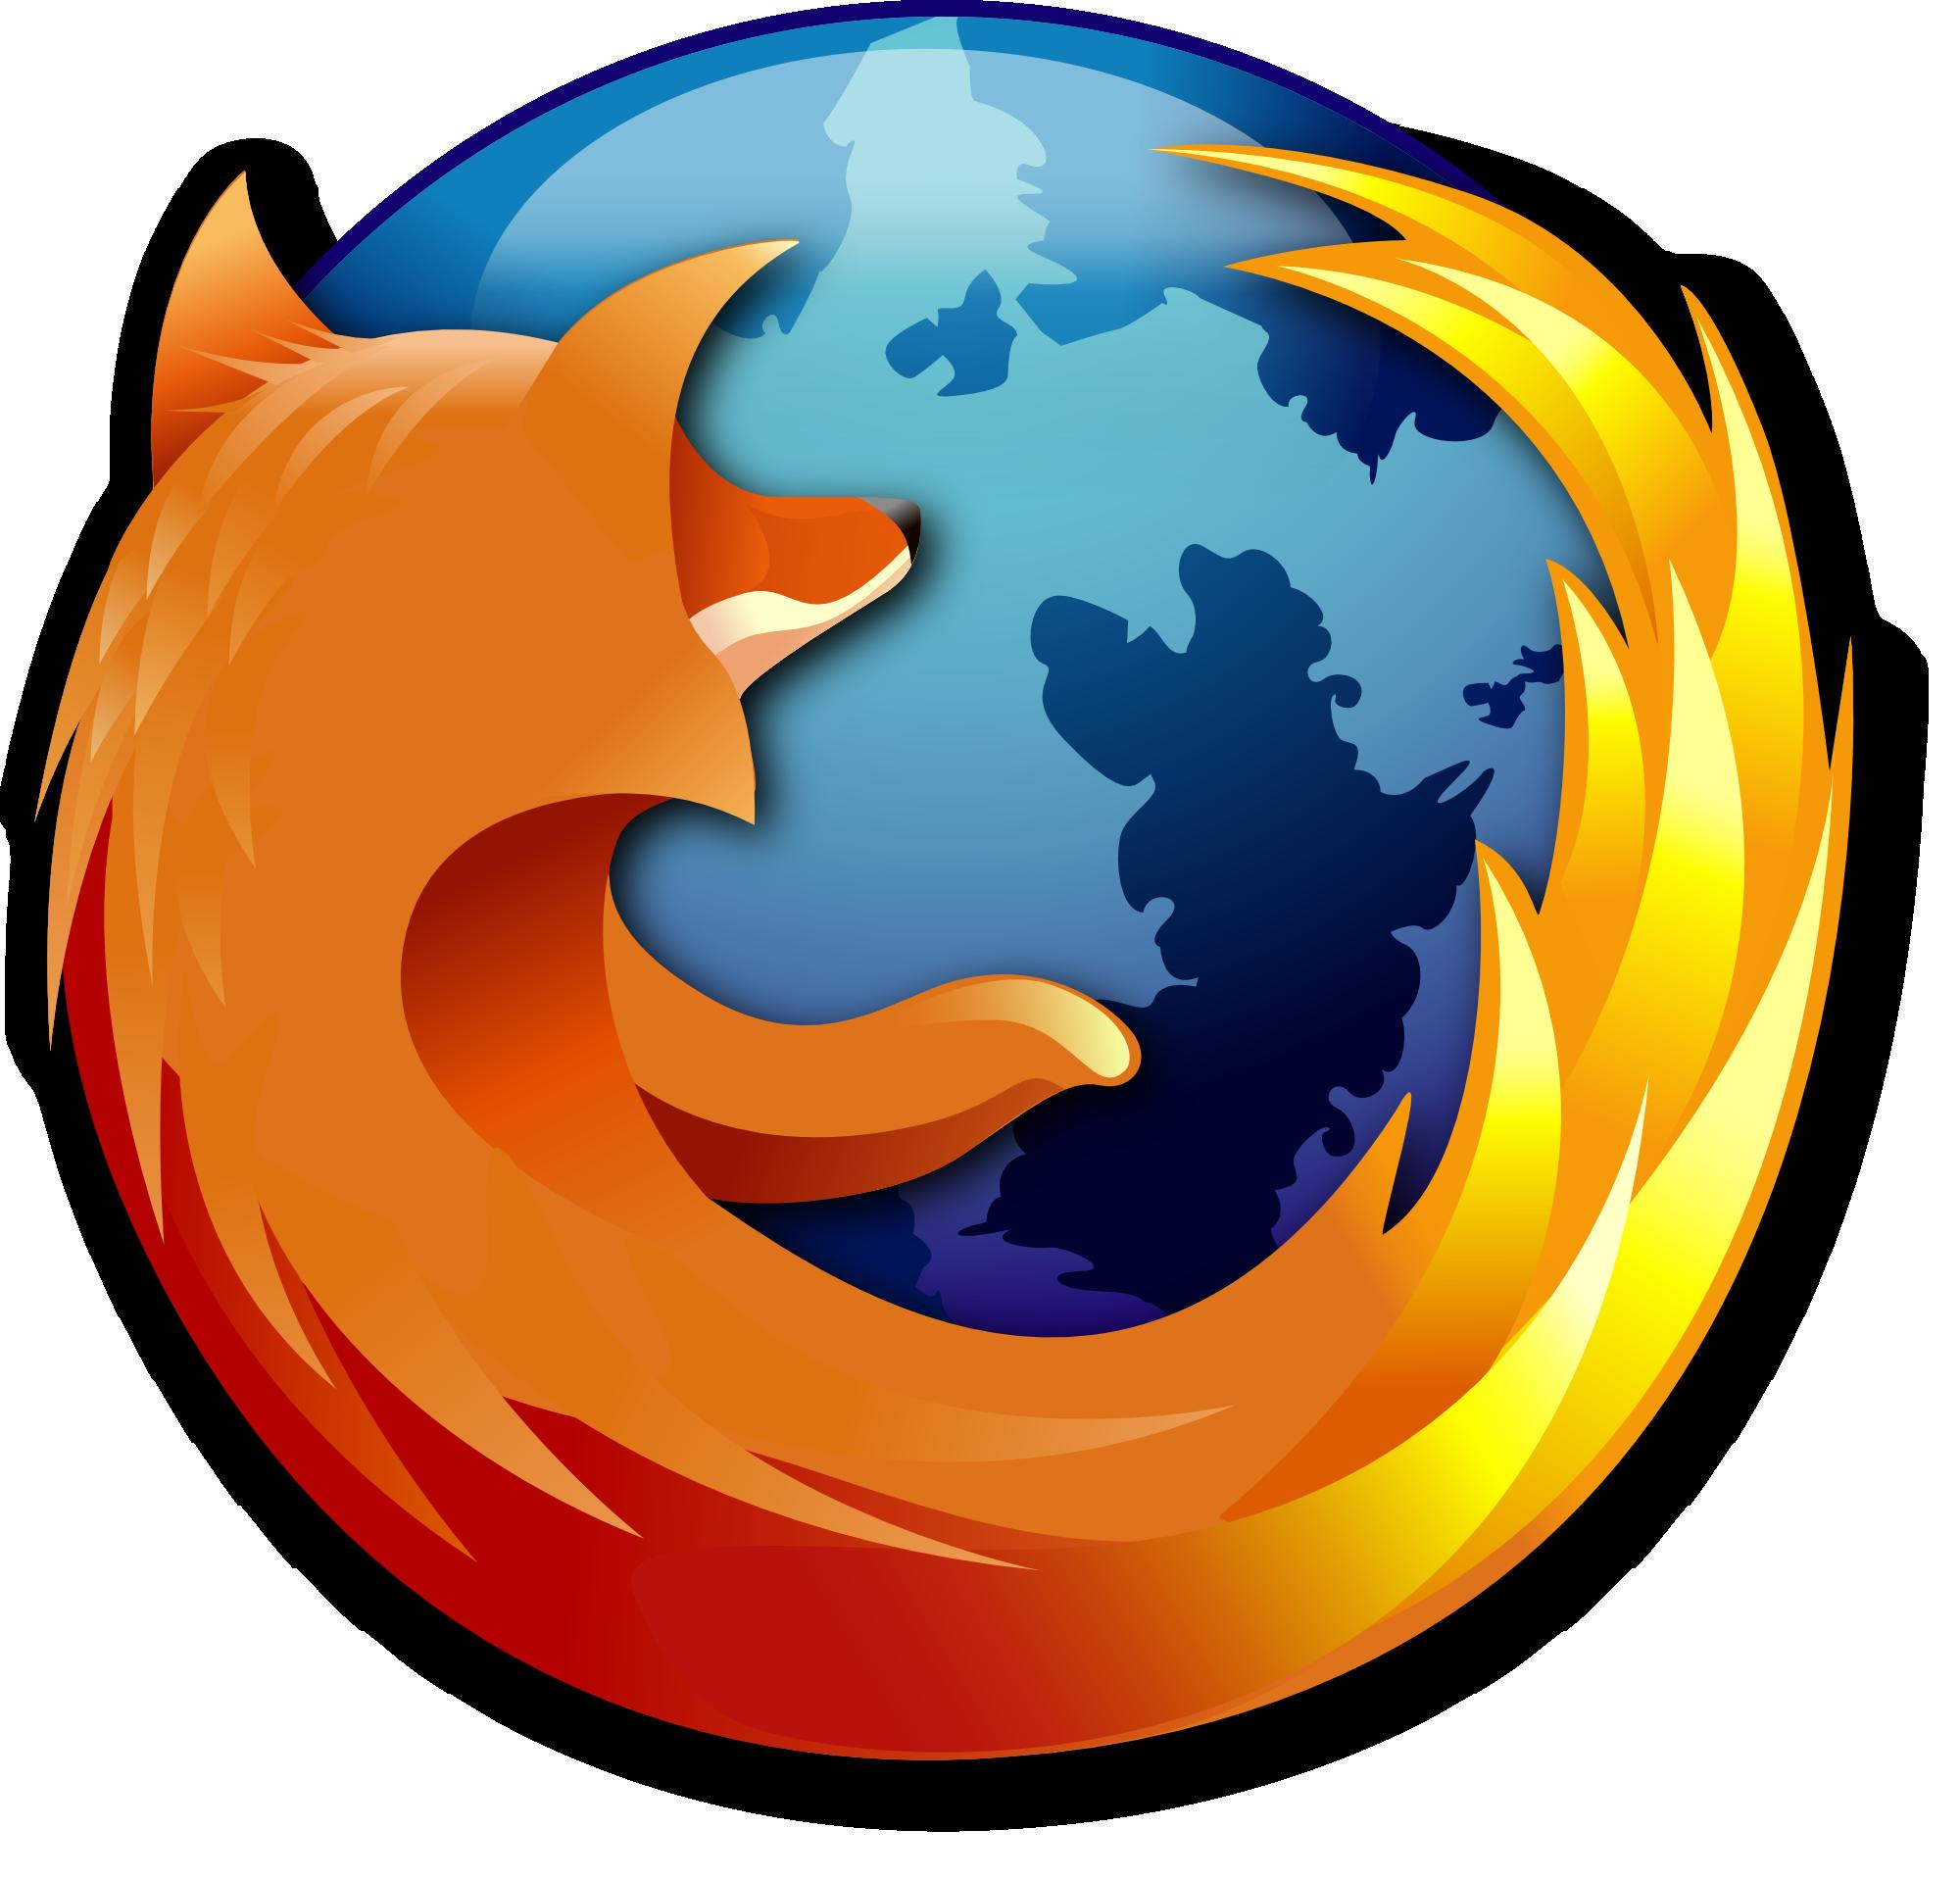 دانلود تمامی ورژن های مرورگر فایرفاکس